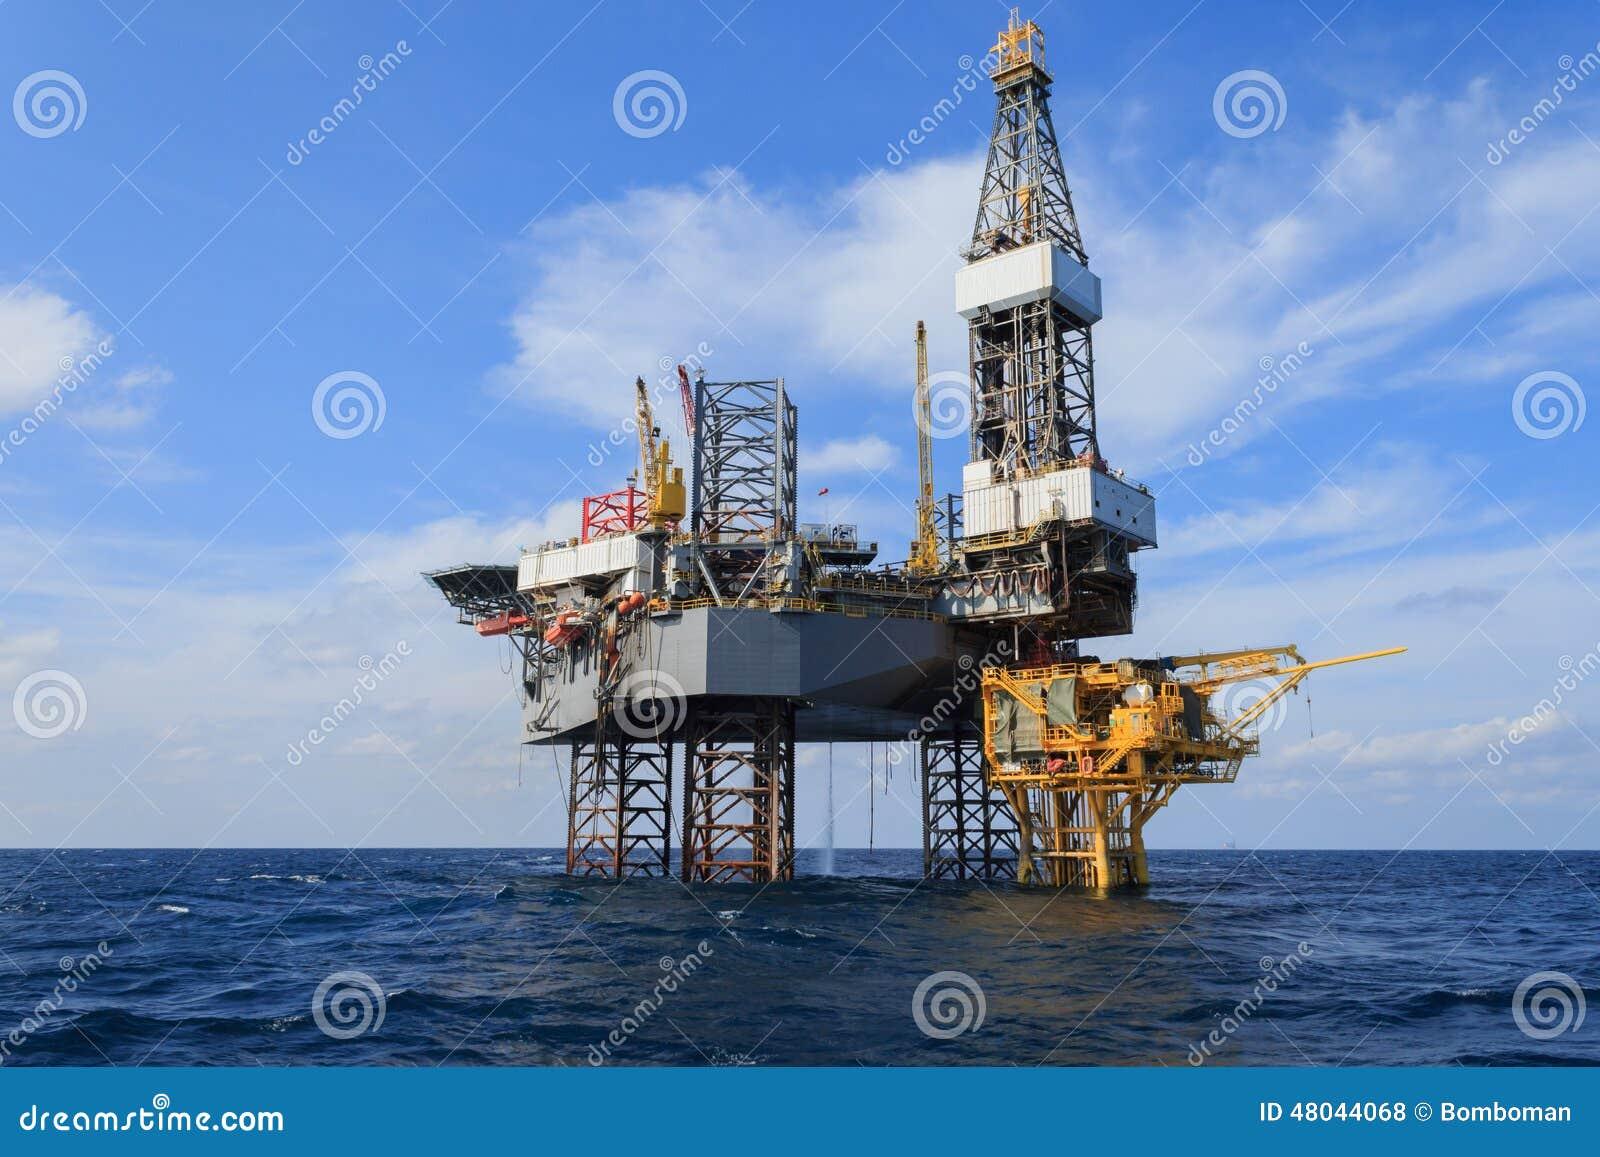 Jack Up Drilling Rig Over en mer la plate-forme de production